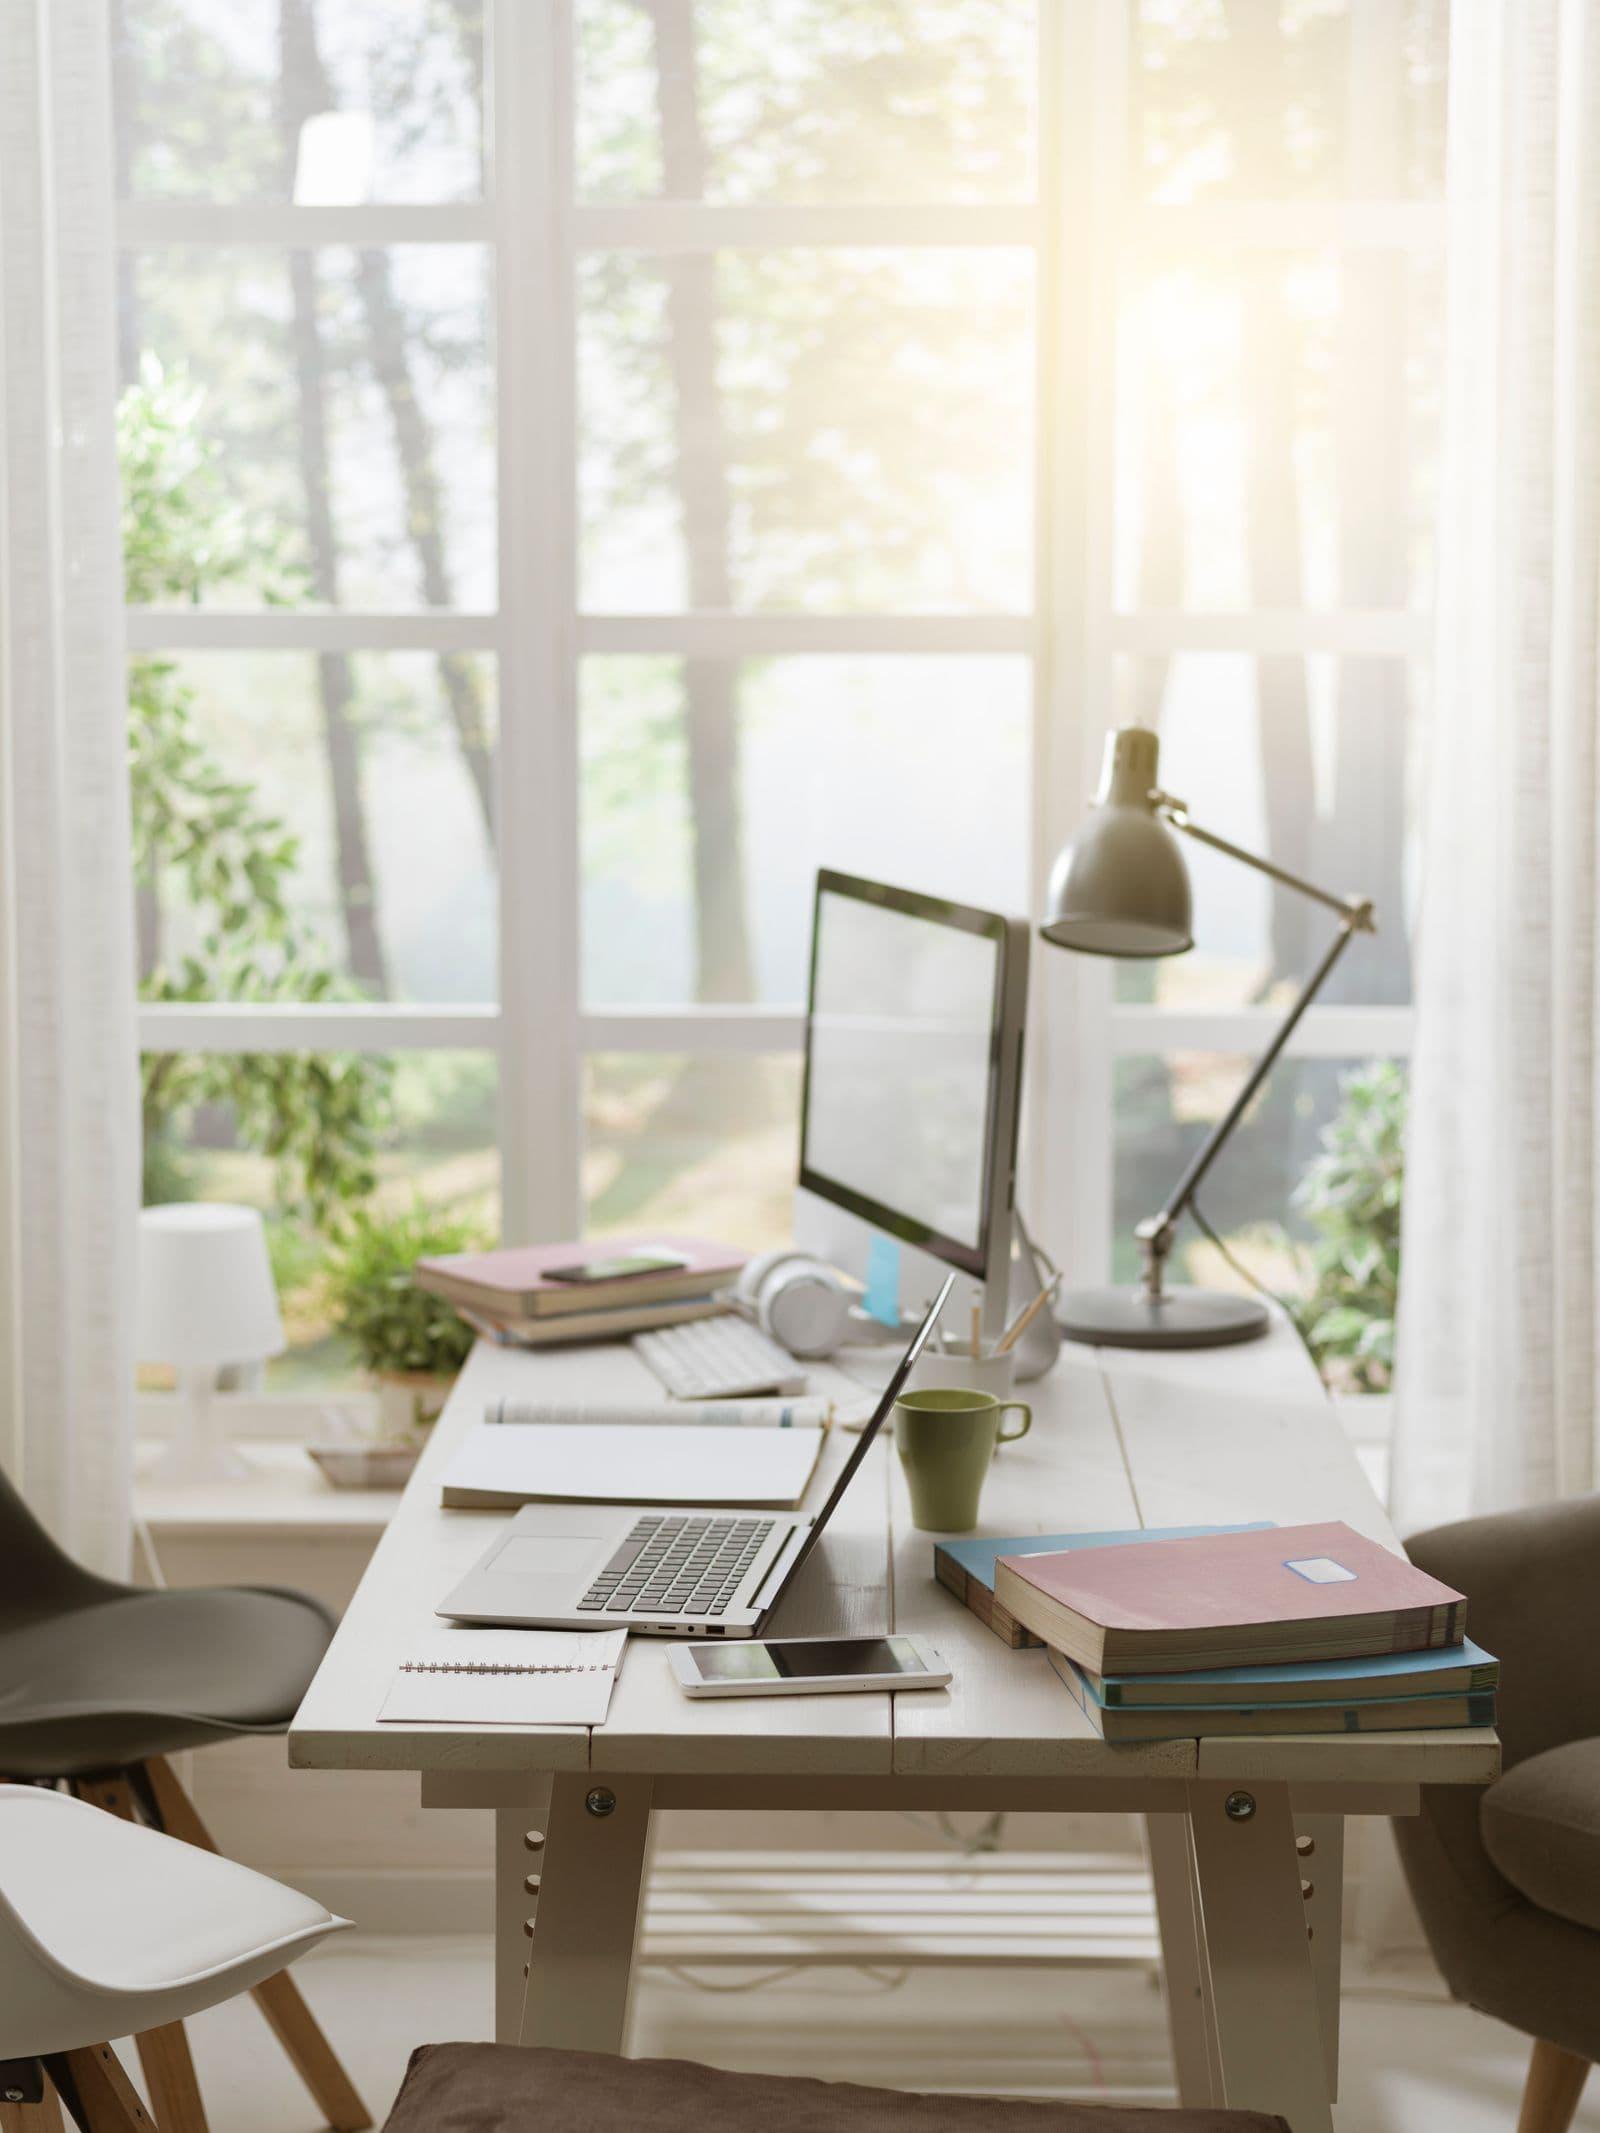 Bureau à domicile avec de l'éclairage naturel